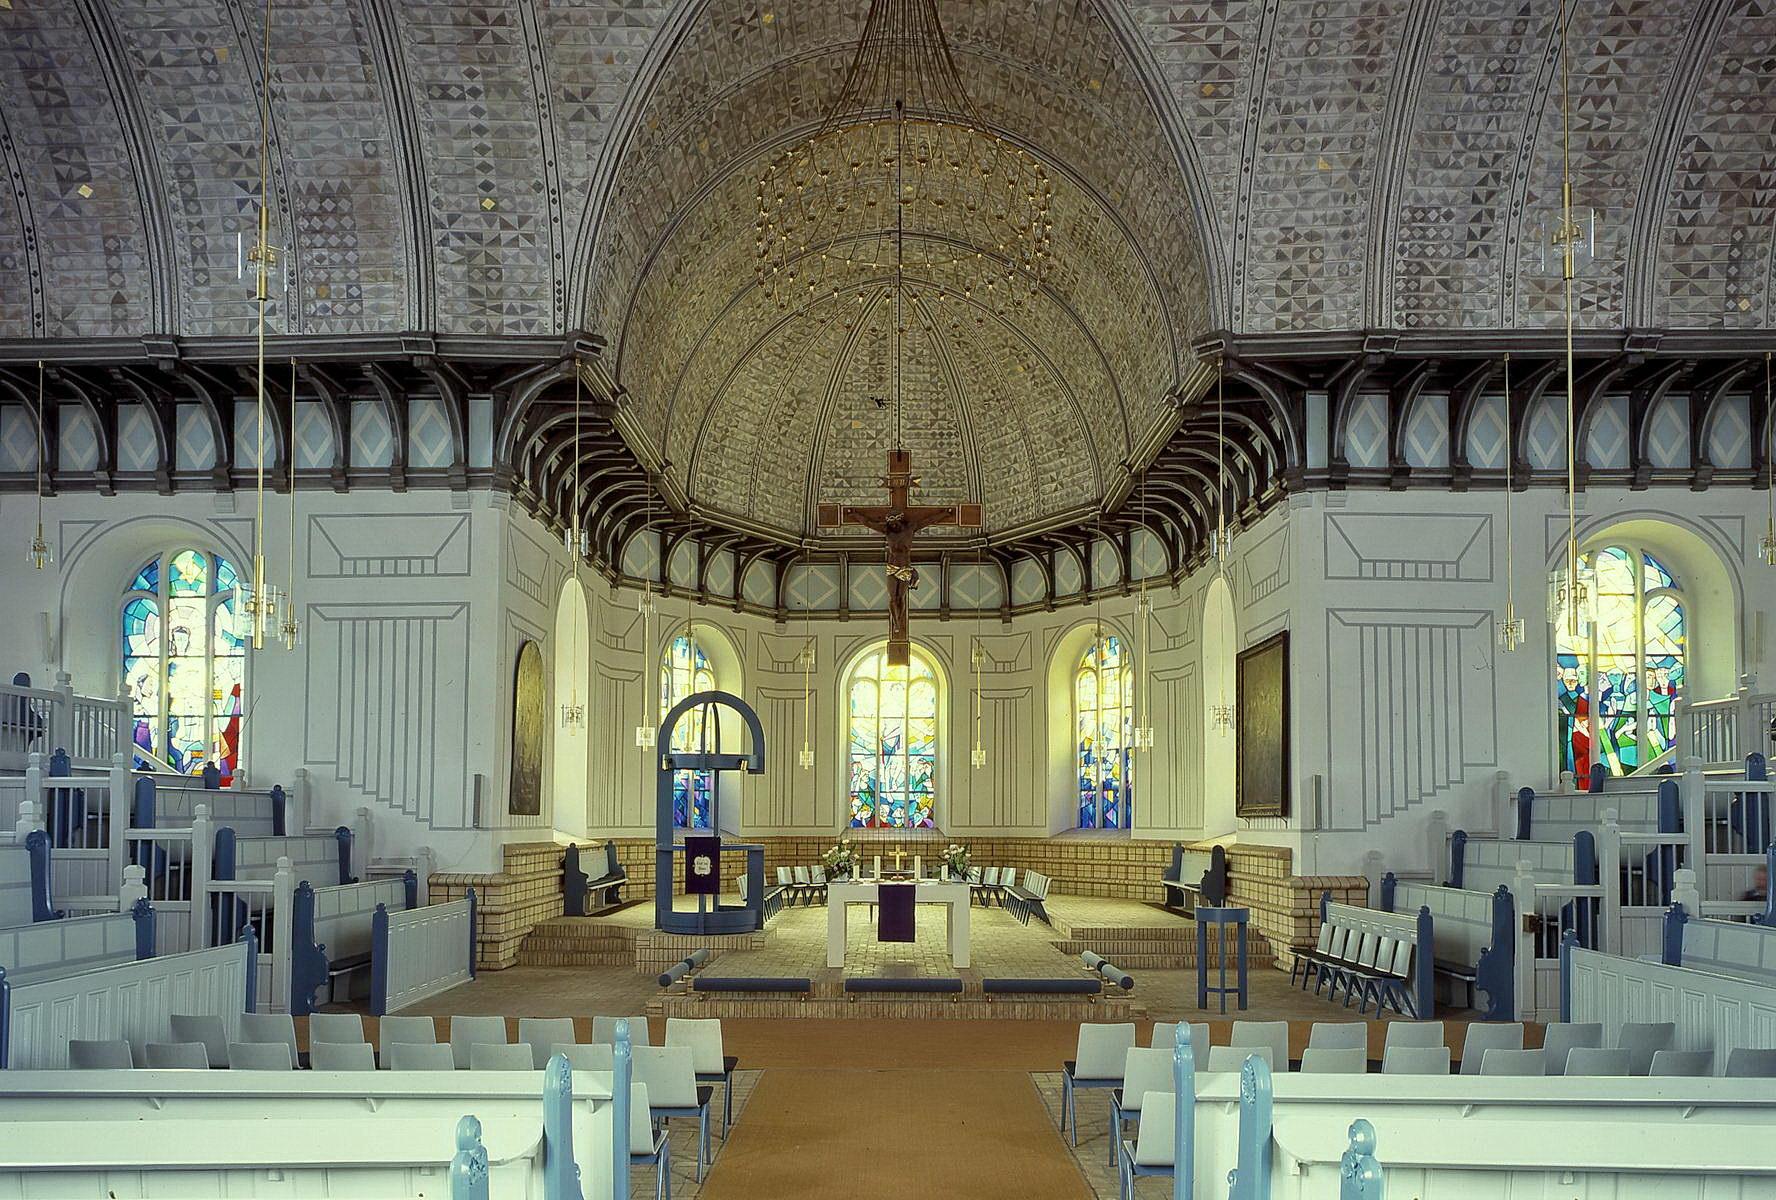 plön, nikolaikirche, innen, foto 4/1998